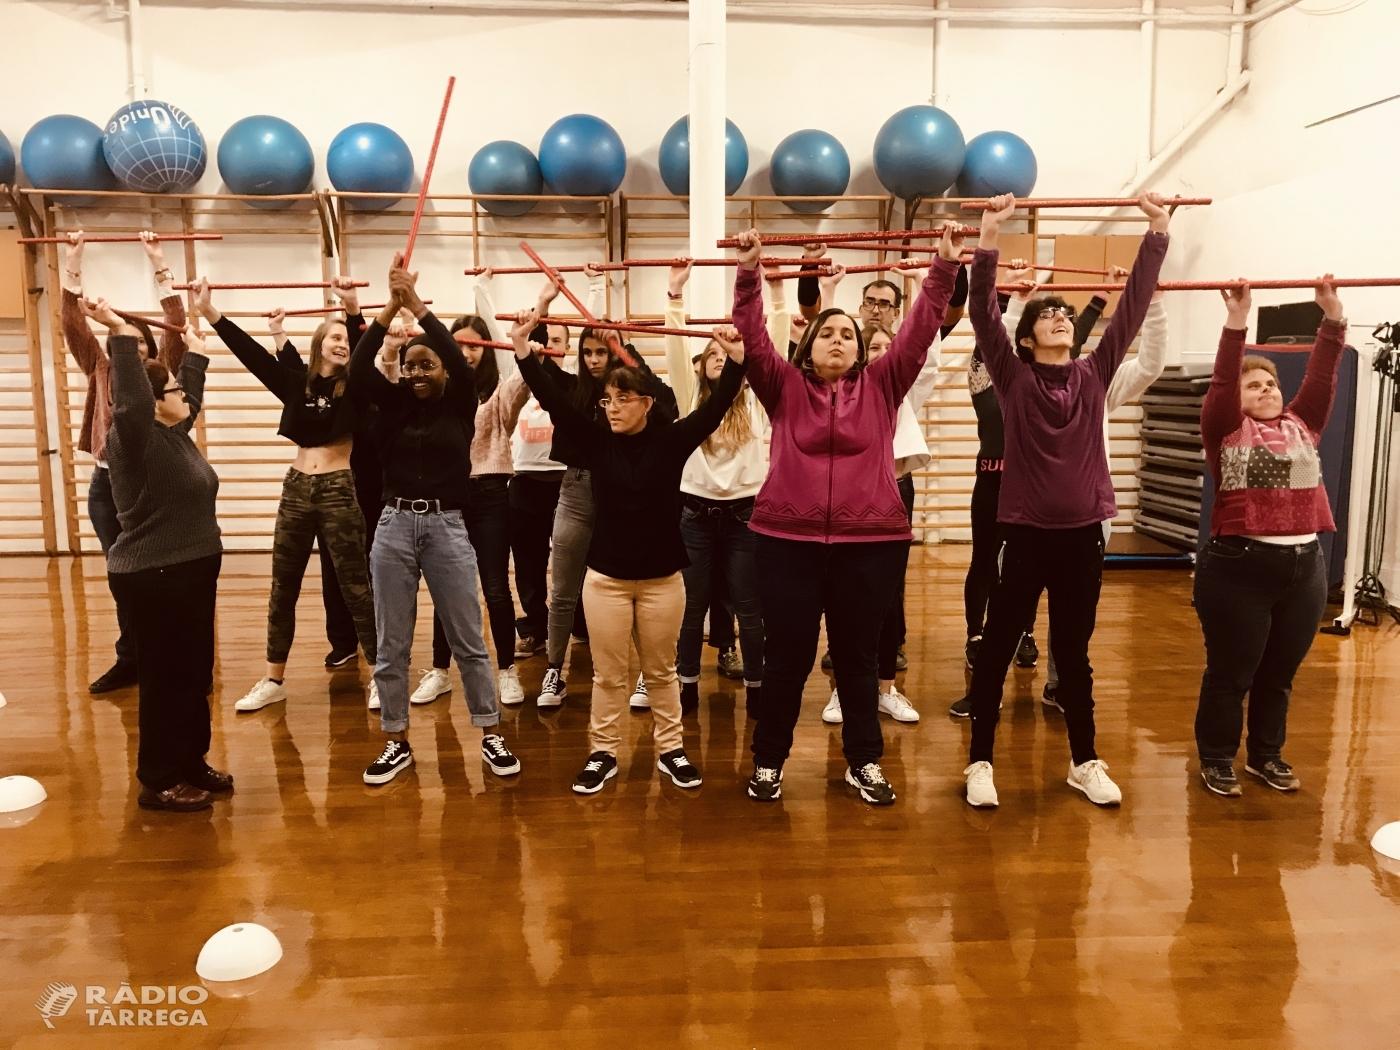 """Dansa inclusiva al Festival solidari """"Scapem amb la música"""" de l'Escola Vedruna de Tàrrega amb el Grup Alba"""